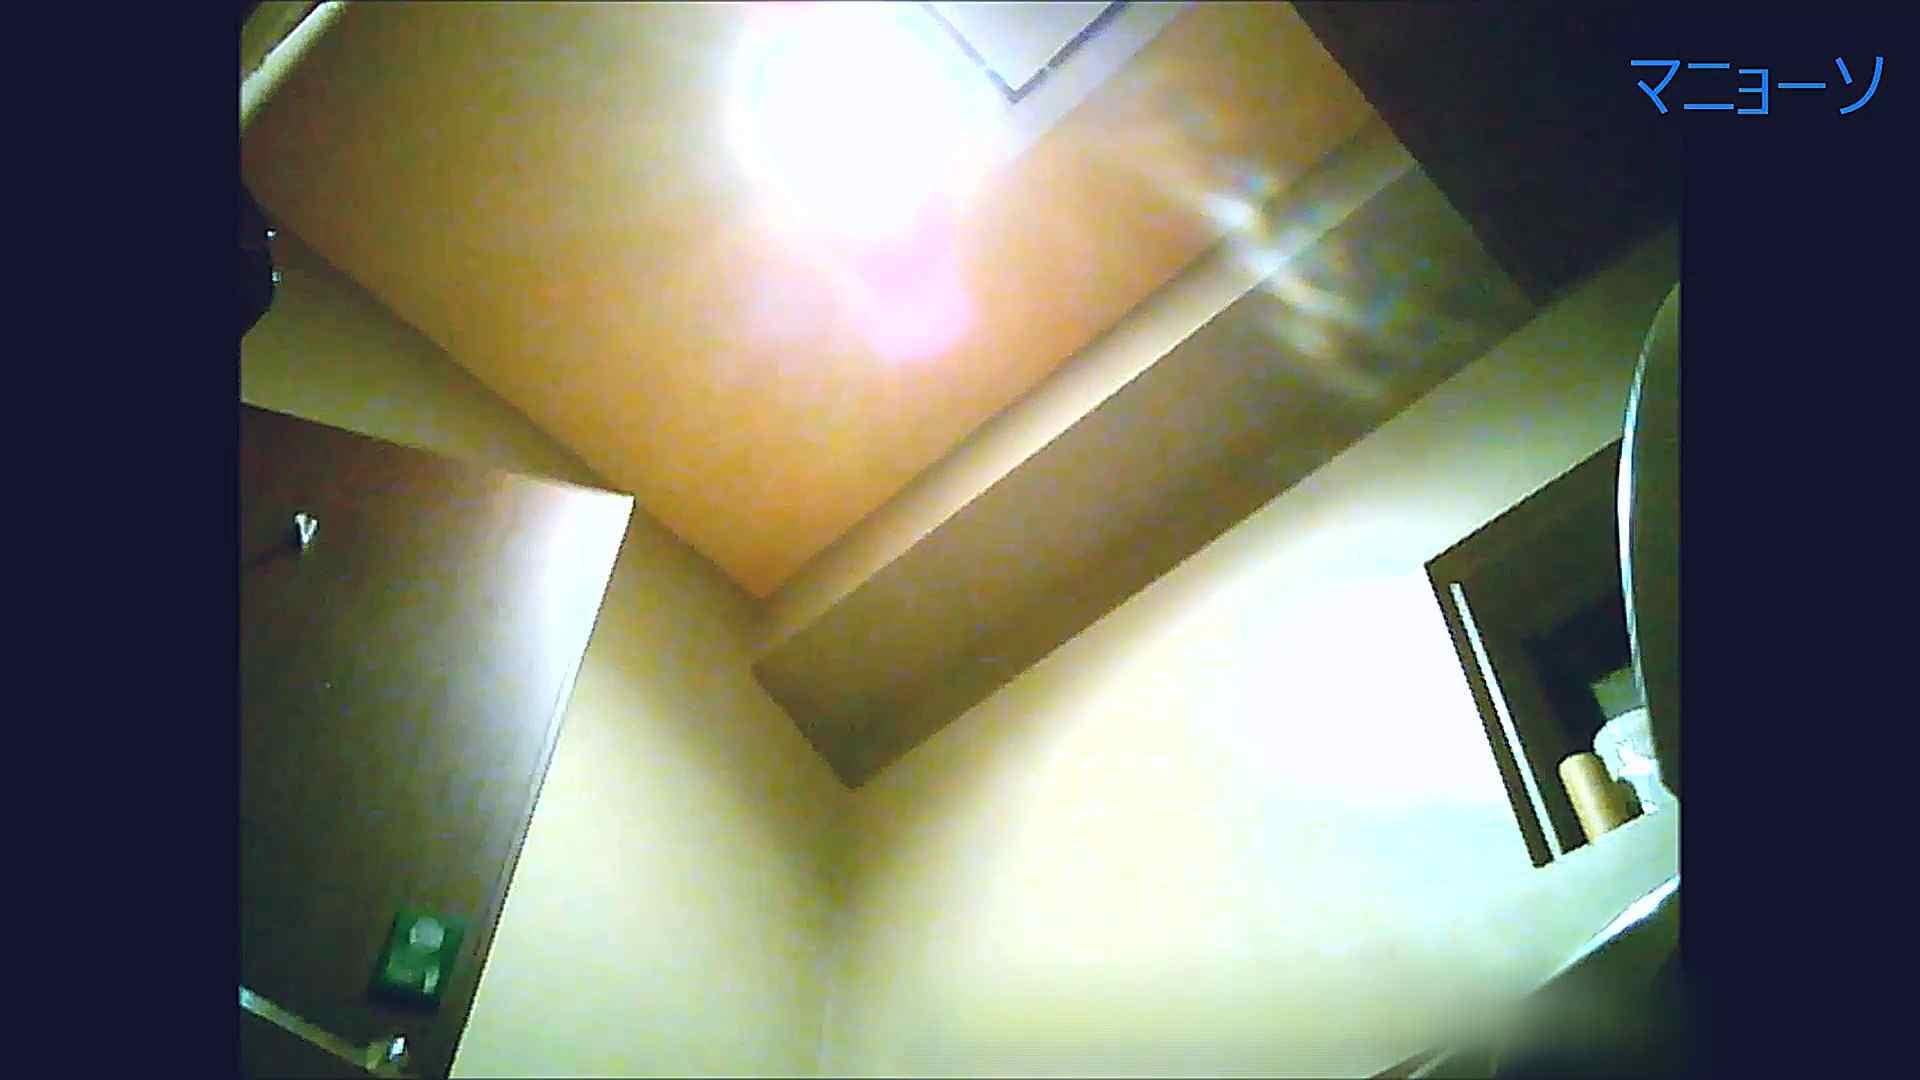 トイレでひと肌脱いでもらいました (OL編)Vol.12 ギャル攻め   高画質  88画像 43